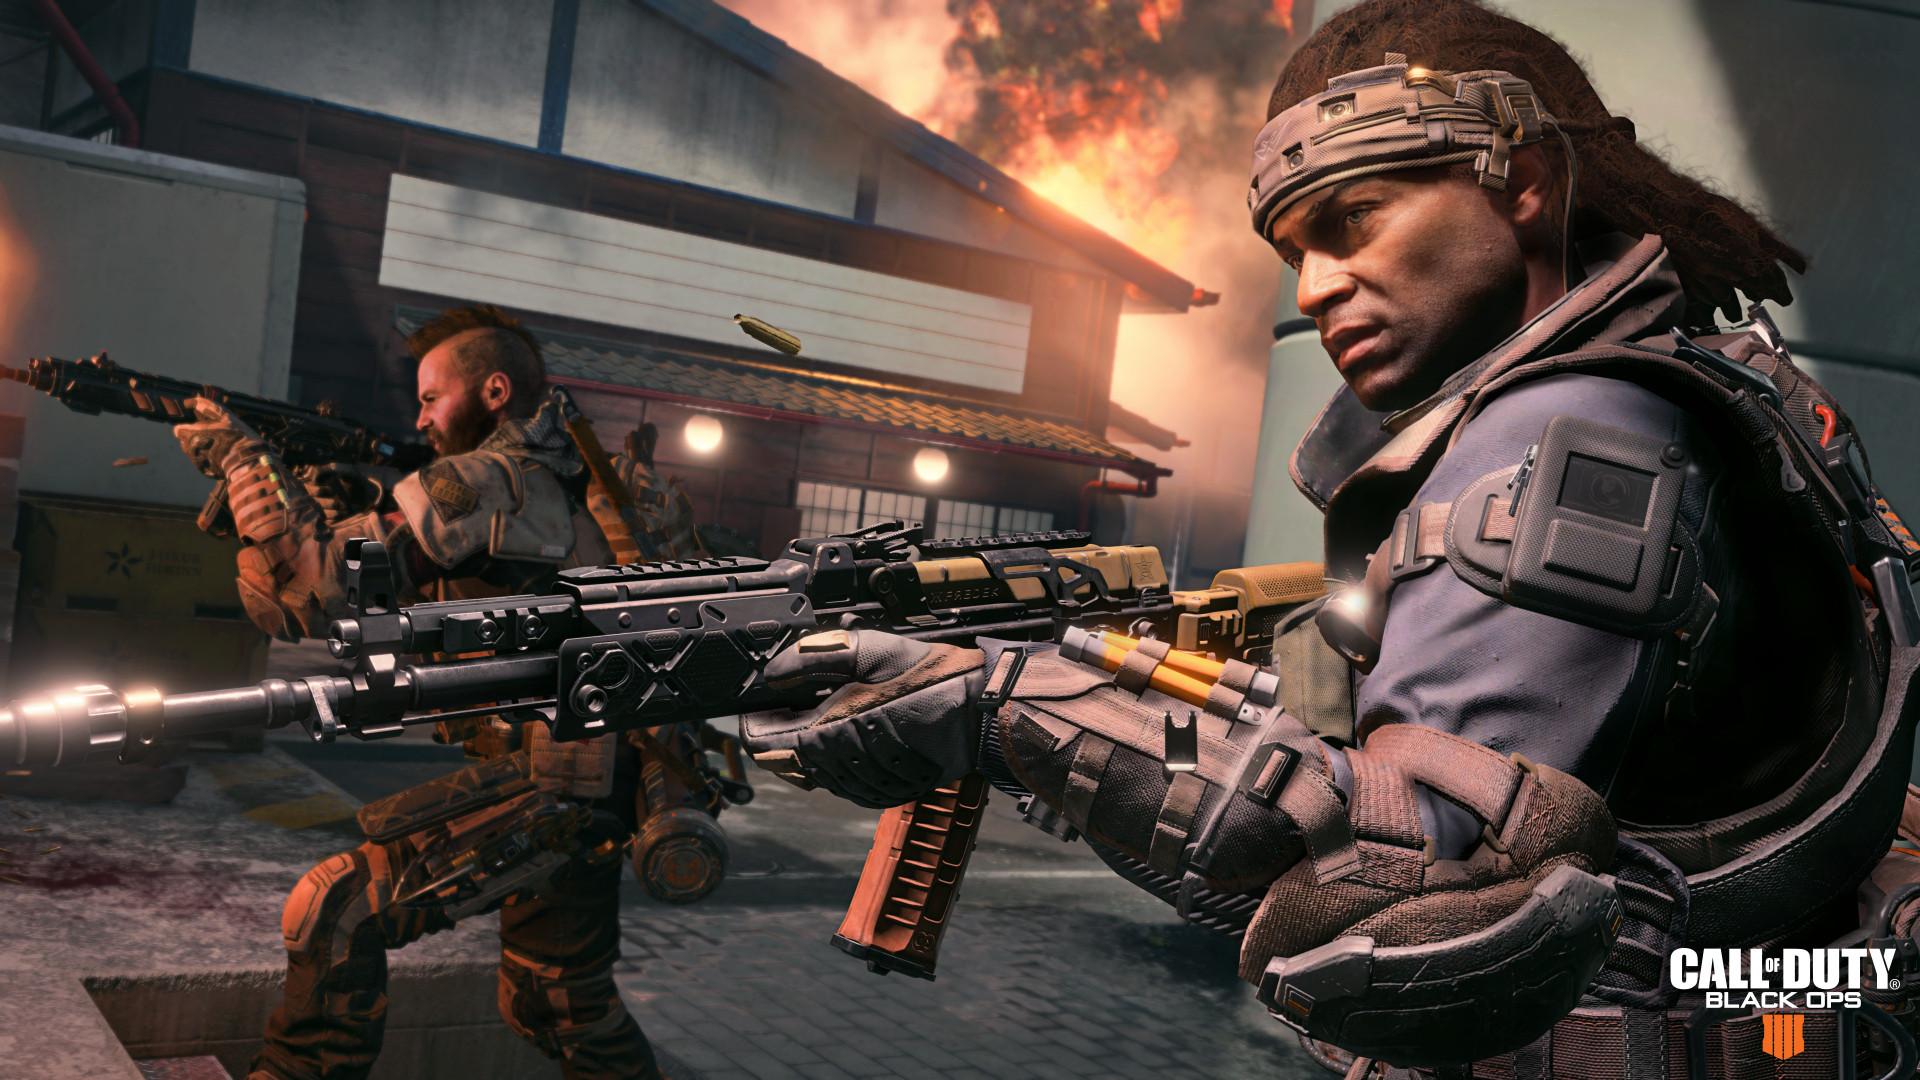 Оторванные головы зомби, лужи крови и бои на вертолетах — появились новые трейлеры COD: Black Ops 4